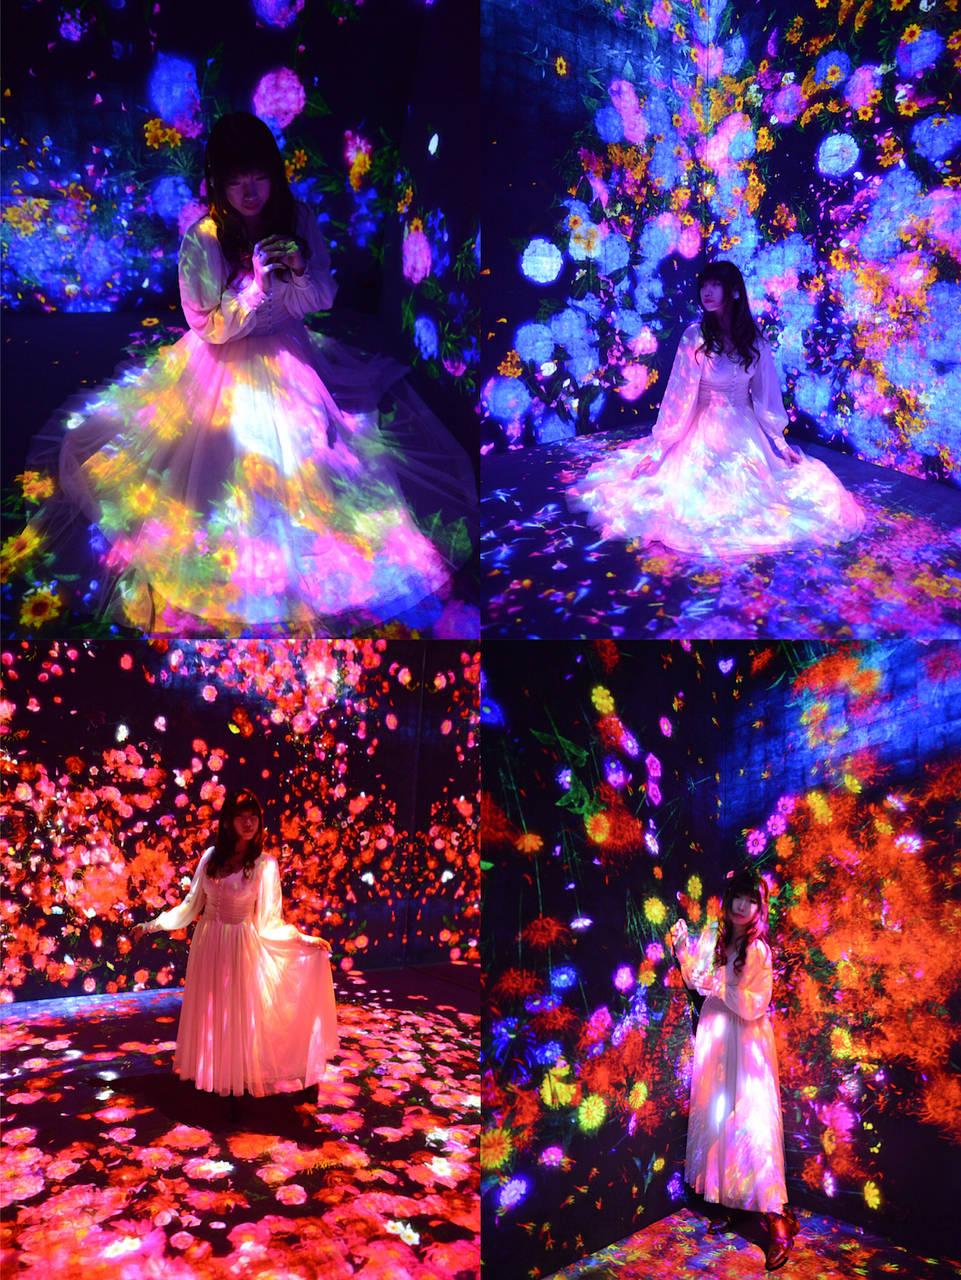 ▲花與人的森林:迷失、沉浸與重生/ Forest of Flowers and People: Lost, Immersed and Reborn / teamLab